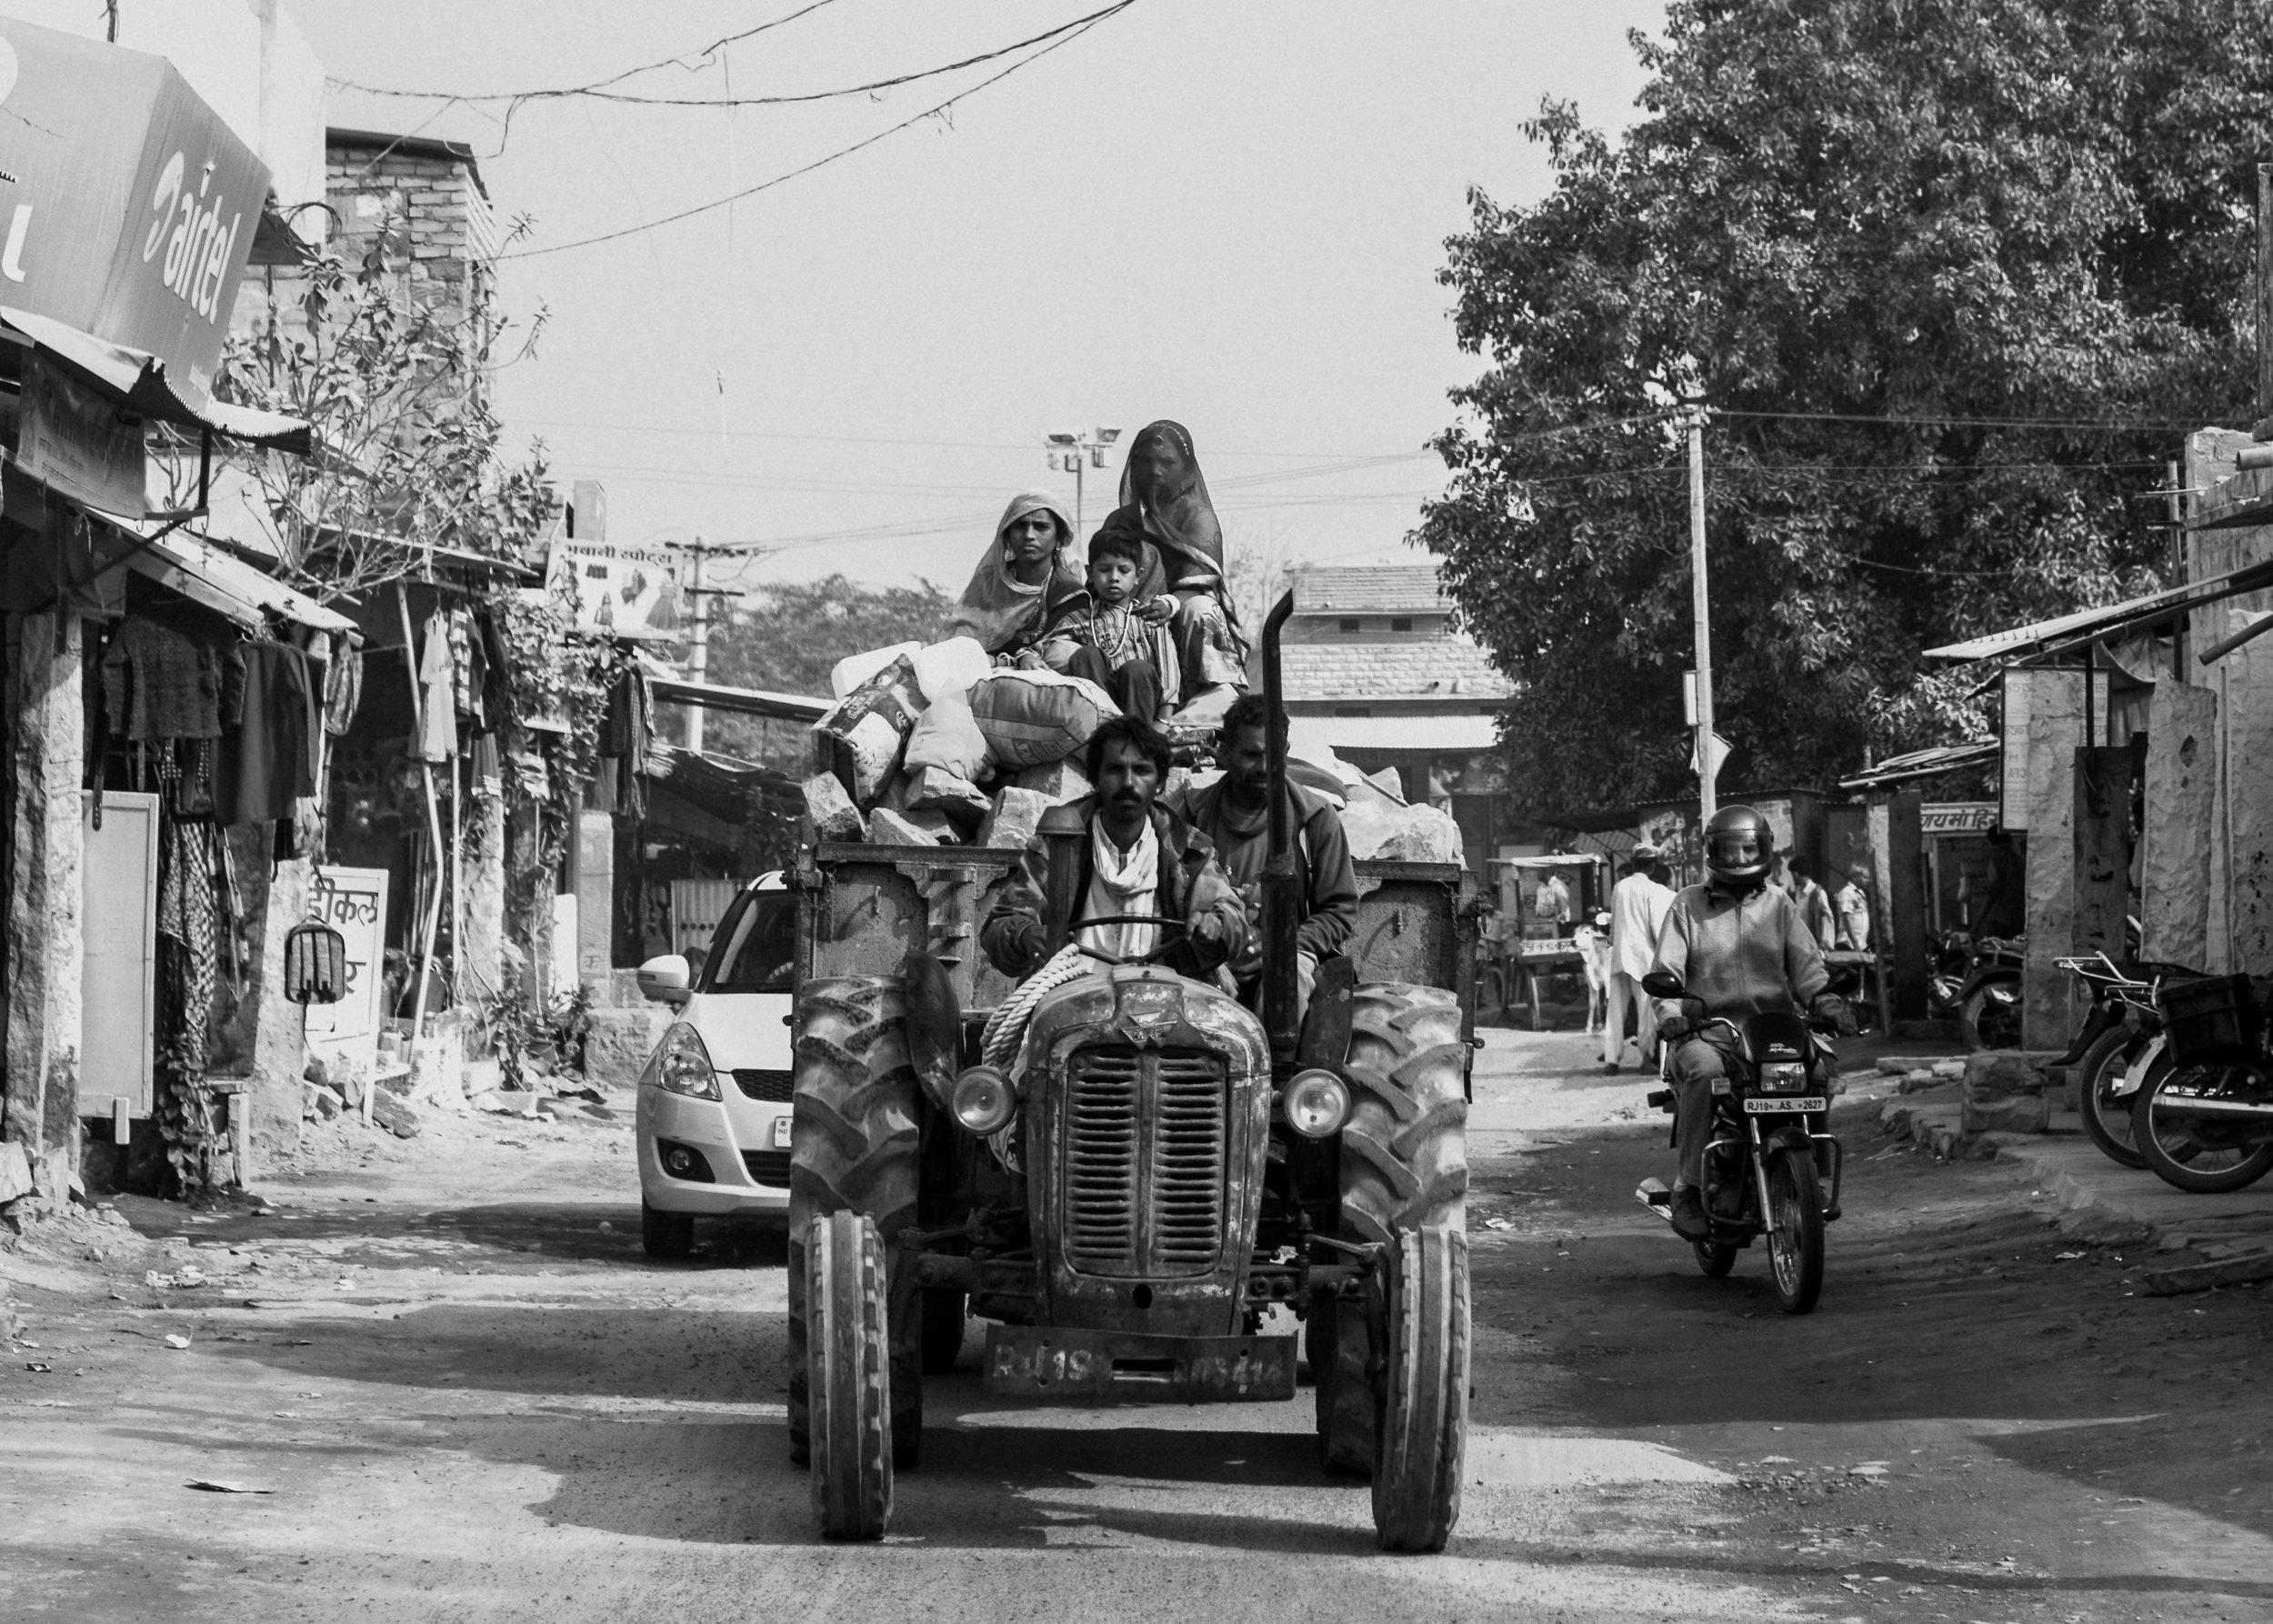 20150113-India-Jodhpur-2650-4.jpg